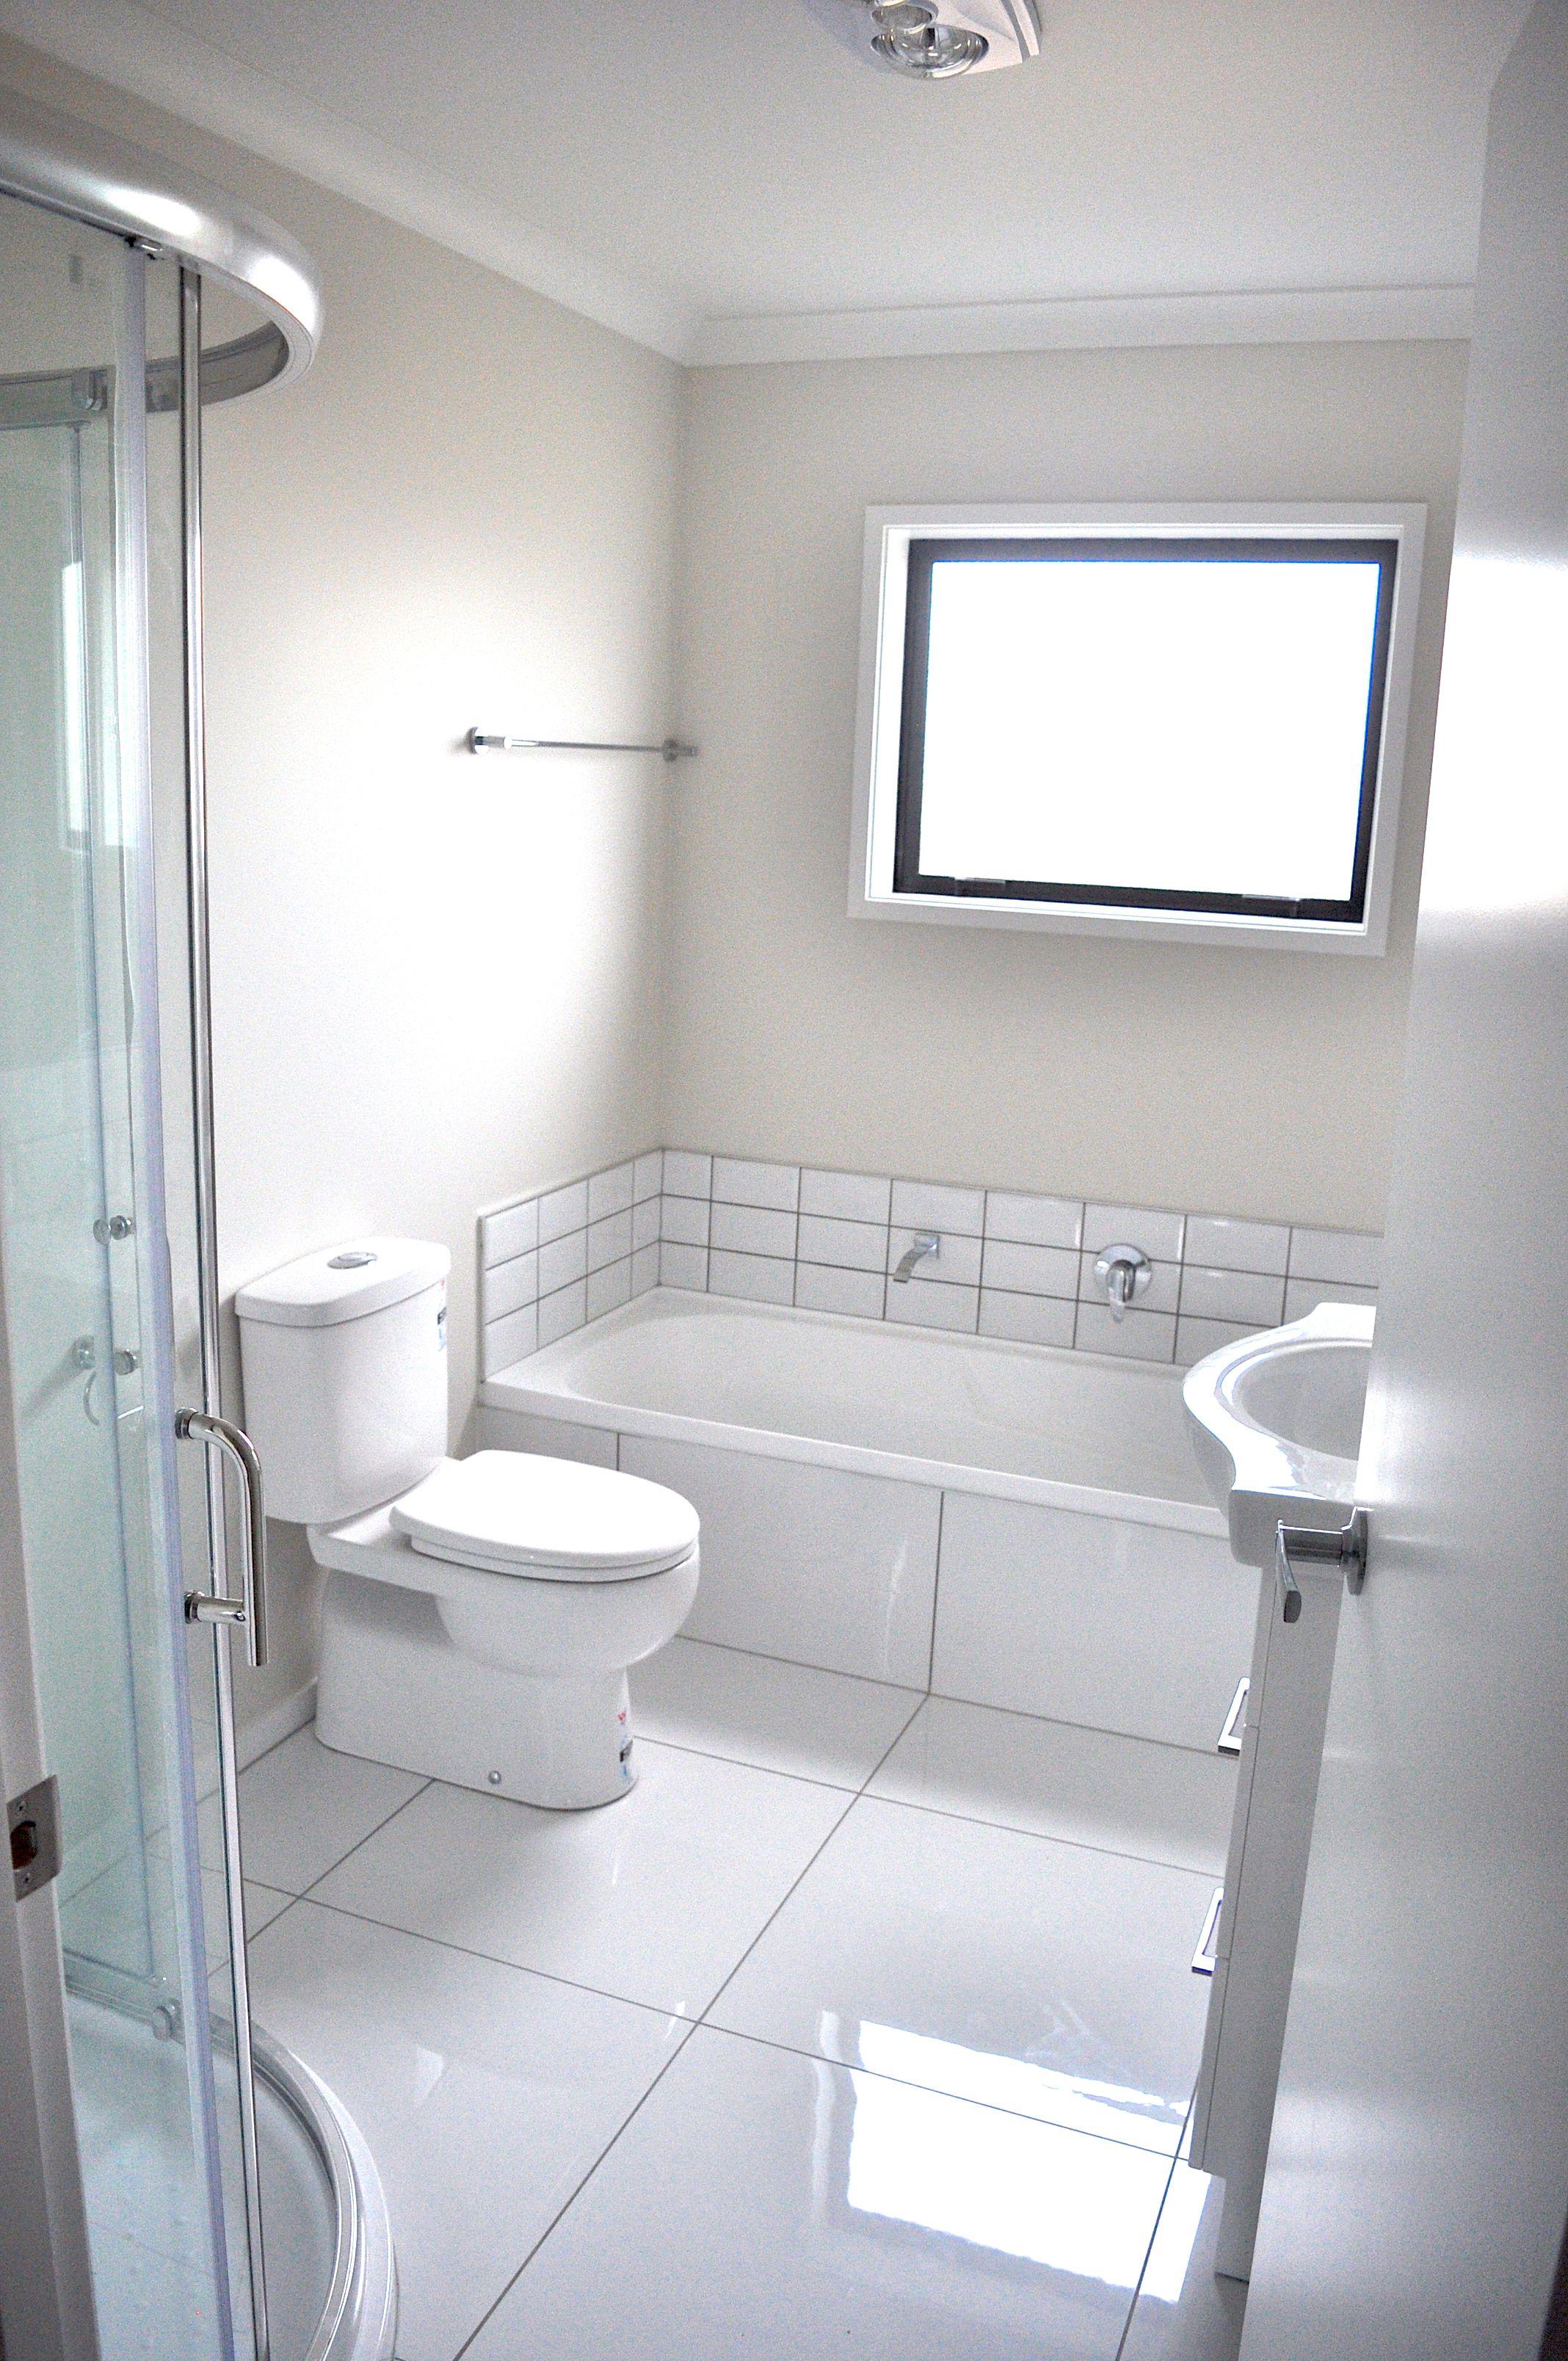 Plumbing | Bathroom Design | New Bathrooms | Plumbing | Kiwi ...